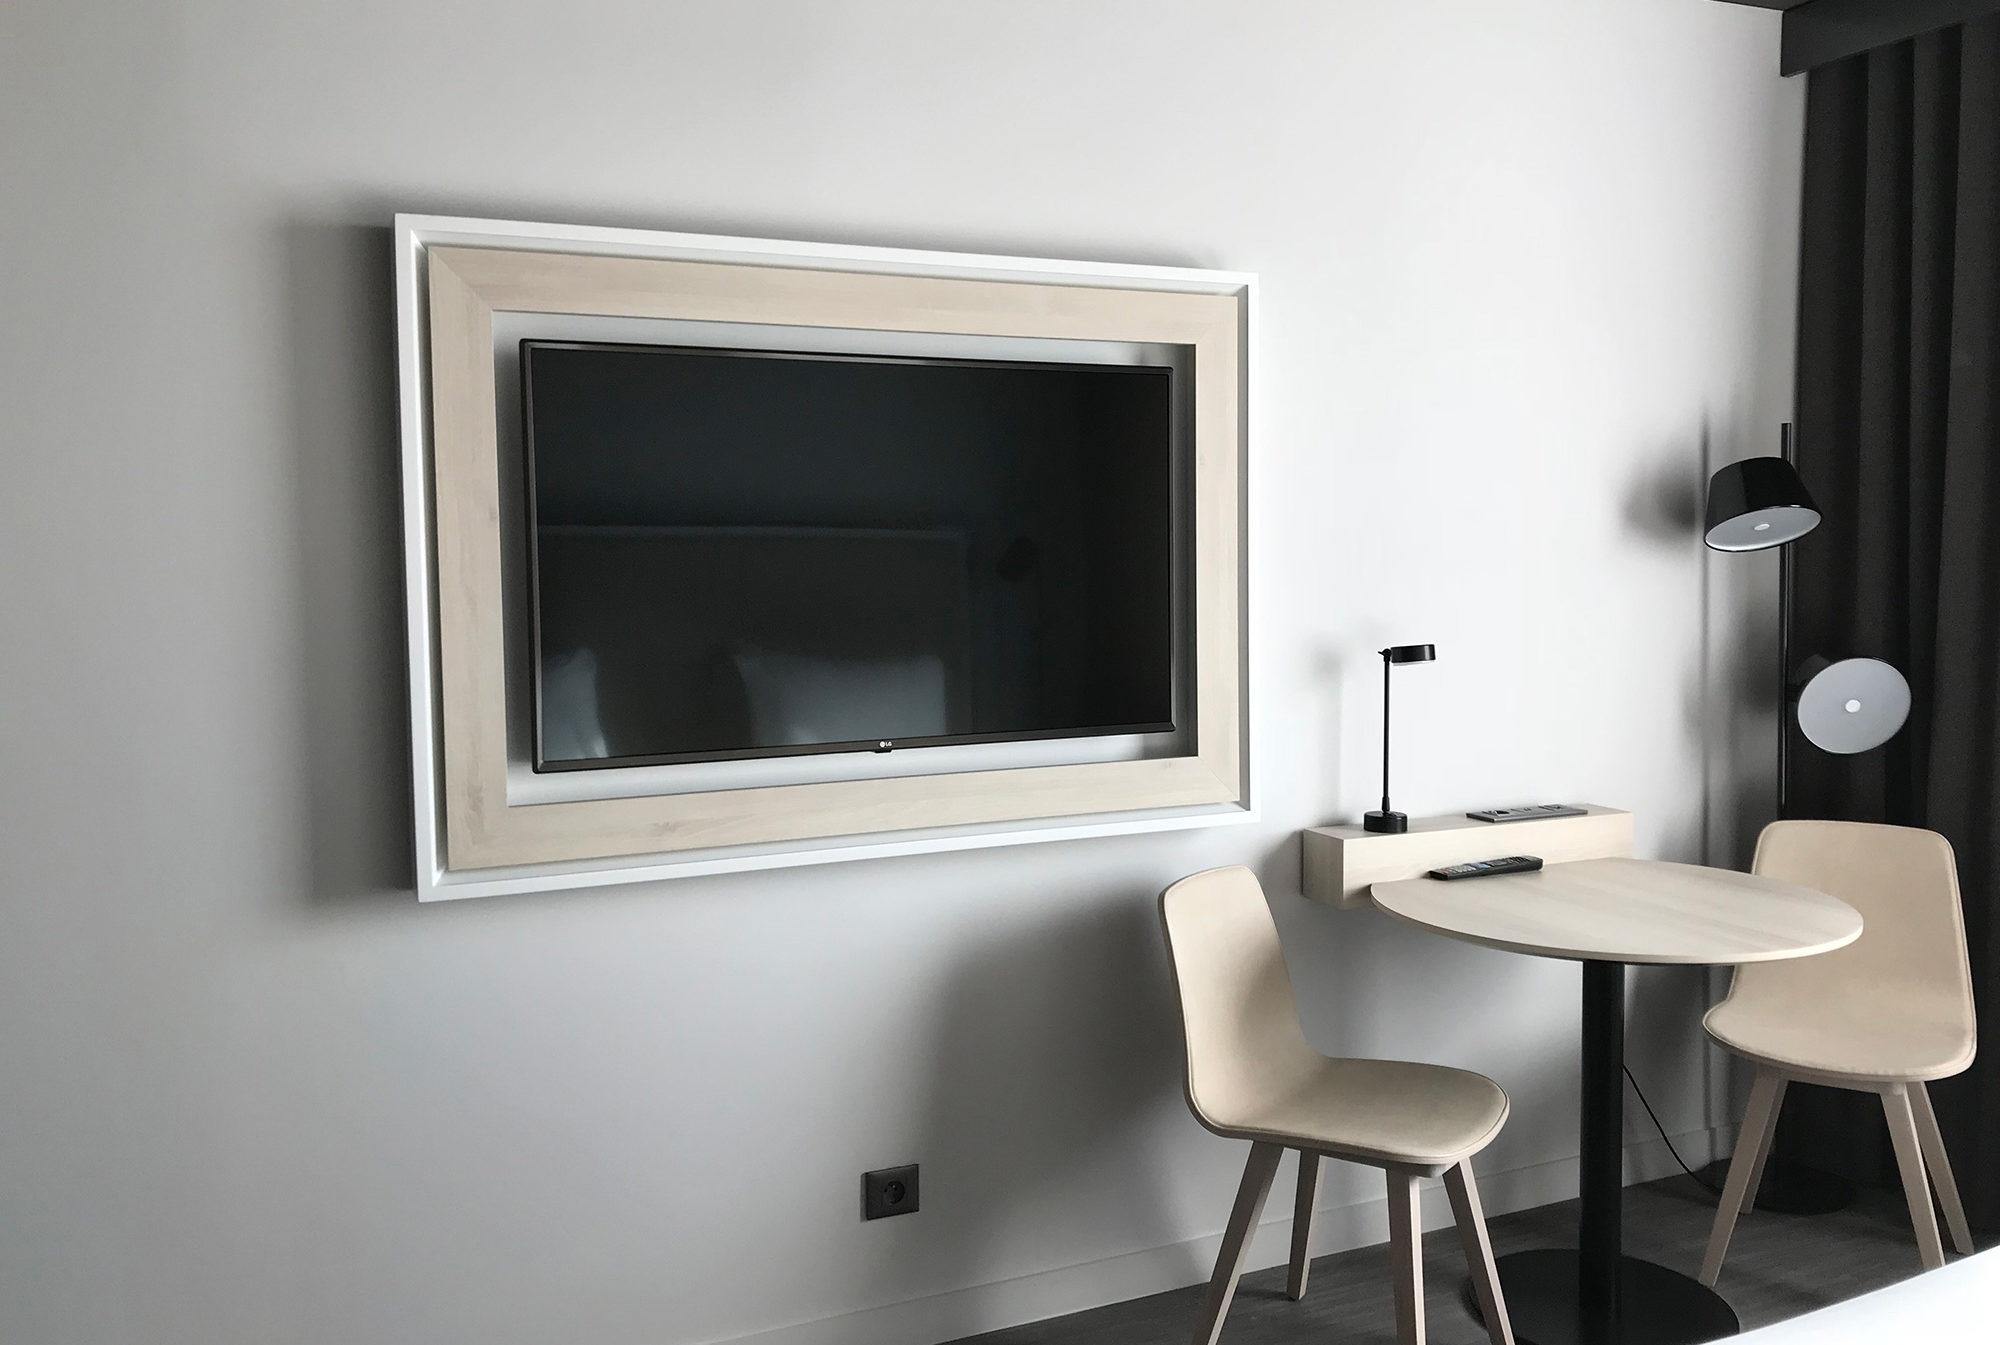 VIDELIO x LG Success story Hôtel écrans dans les chambres et salles de réunion